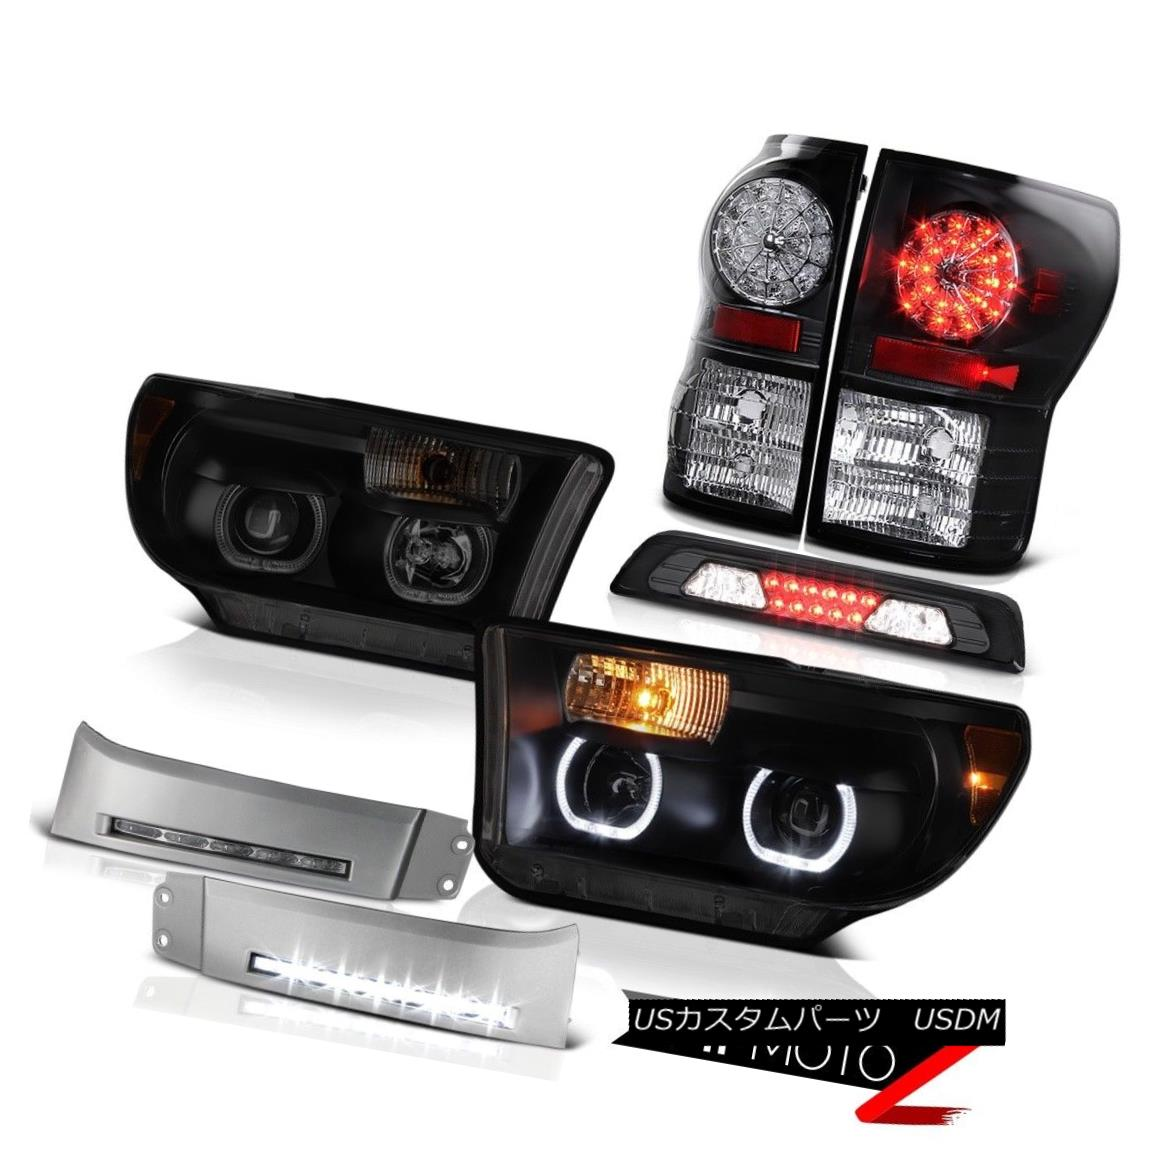 【爆買い!】 テールライト 07-13 Strip Toyota Tundra SR5 07-13 Headlamps DRL Strip Halo Roof Cab Light Taillights Halo Ring 07-13トヨタトンドラSR5ヘッドライトDRLストリップ屋根キャブライトテールライトハローリング, 新宿区:79f072b8 --- yatenderrao.com